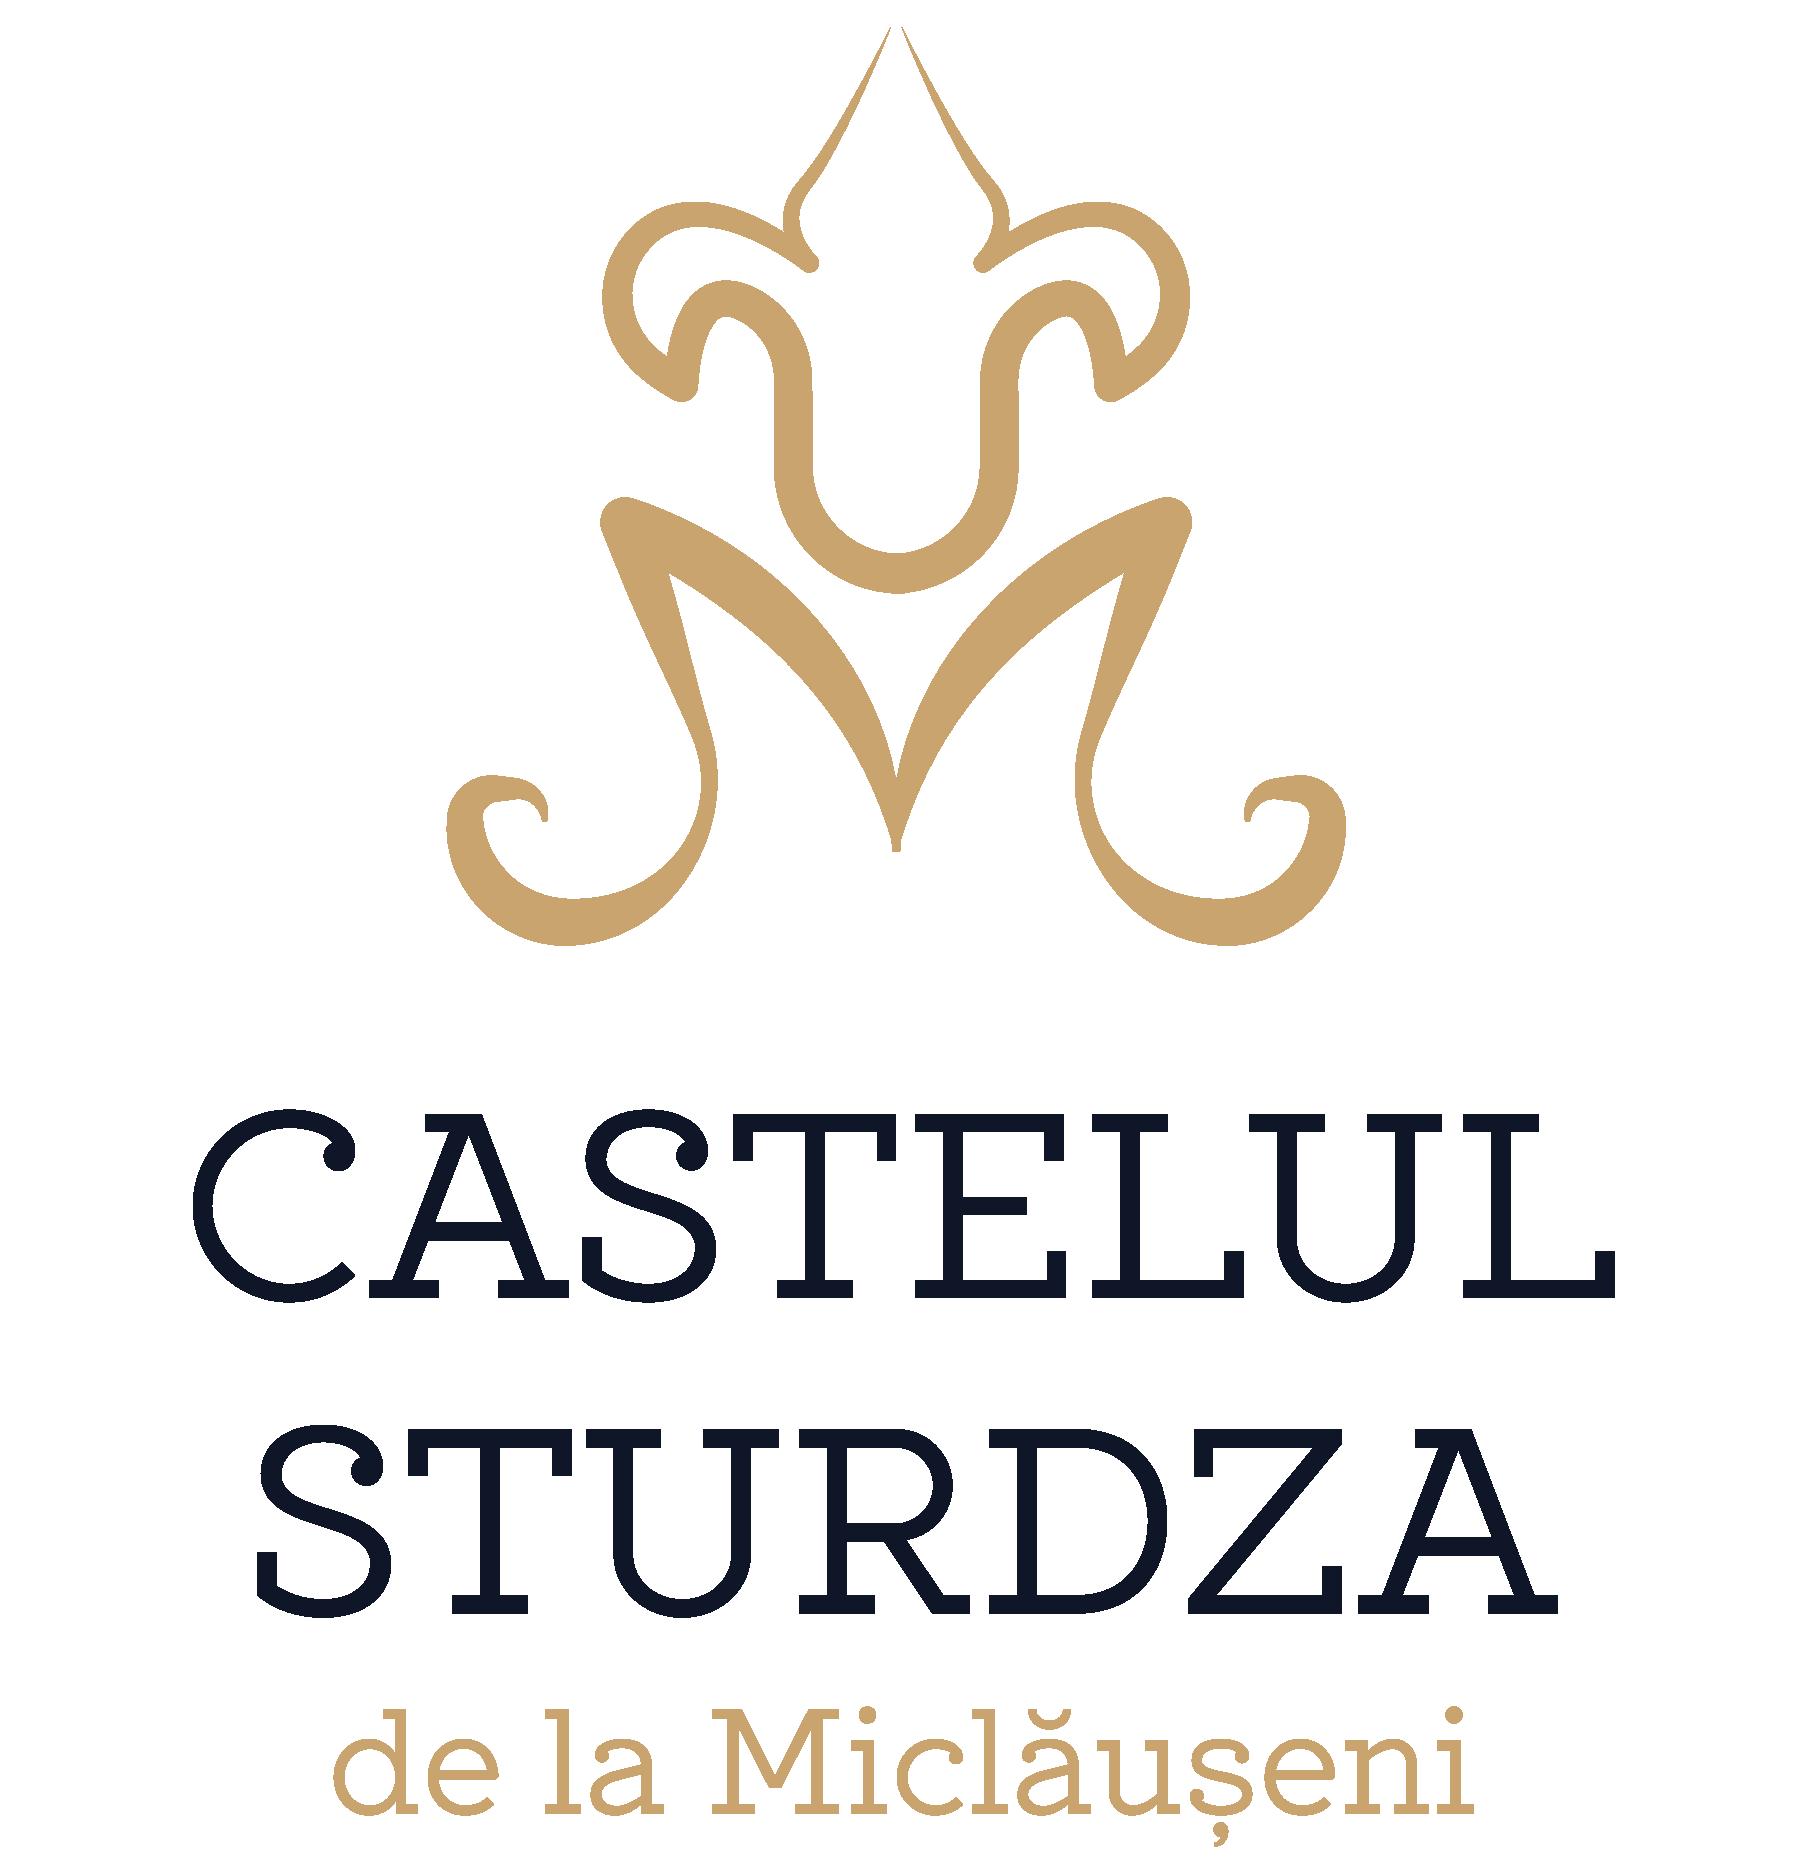 Castelul | Miclauseni